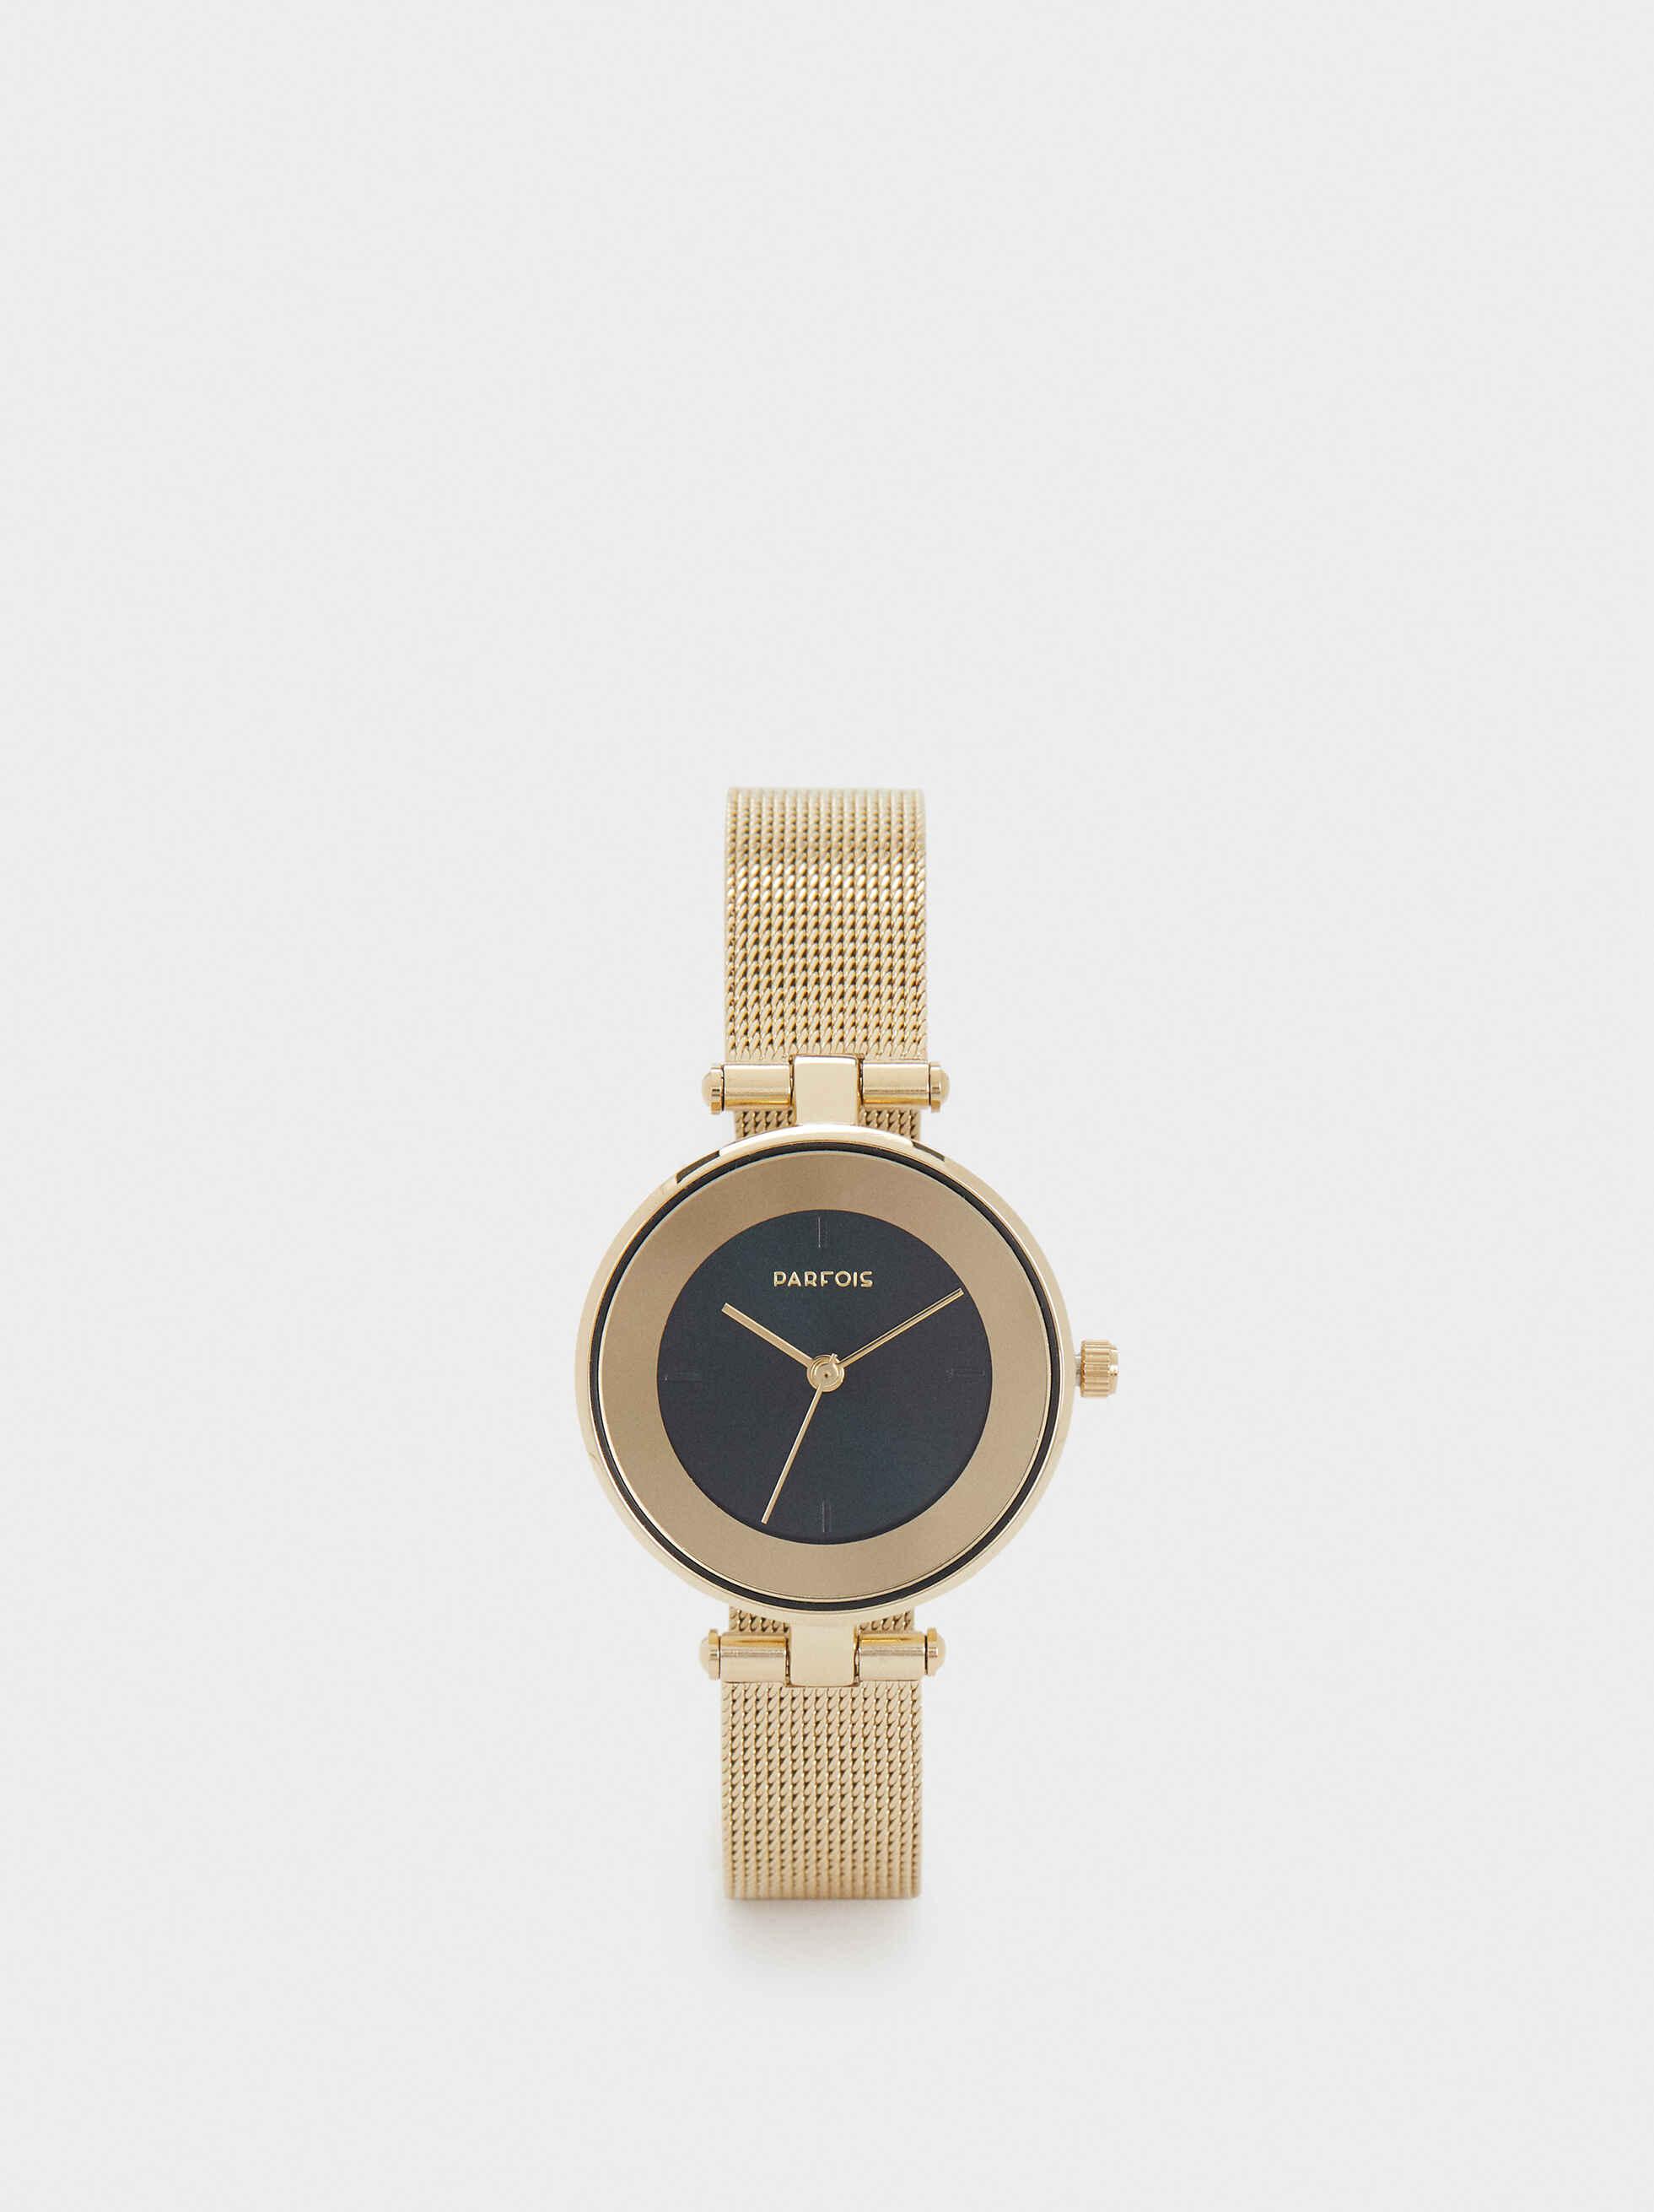 """De moda el dorado - Se trata del metal que está """"in"""" y por qué no agradar a tu ser querido con una pieza tan práctica como un reloj en el tono de moda. Consíguelo en Parfois, en San Patricio Plaza. (Suministrada)"""